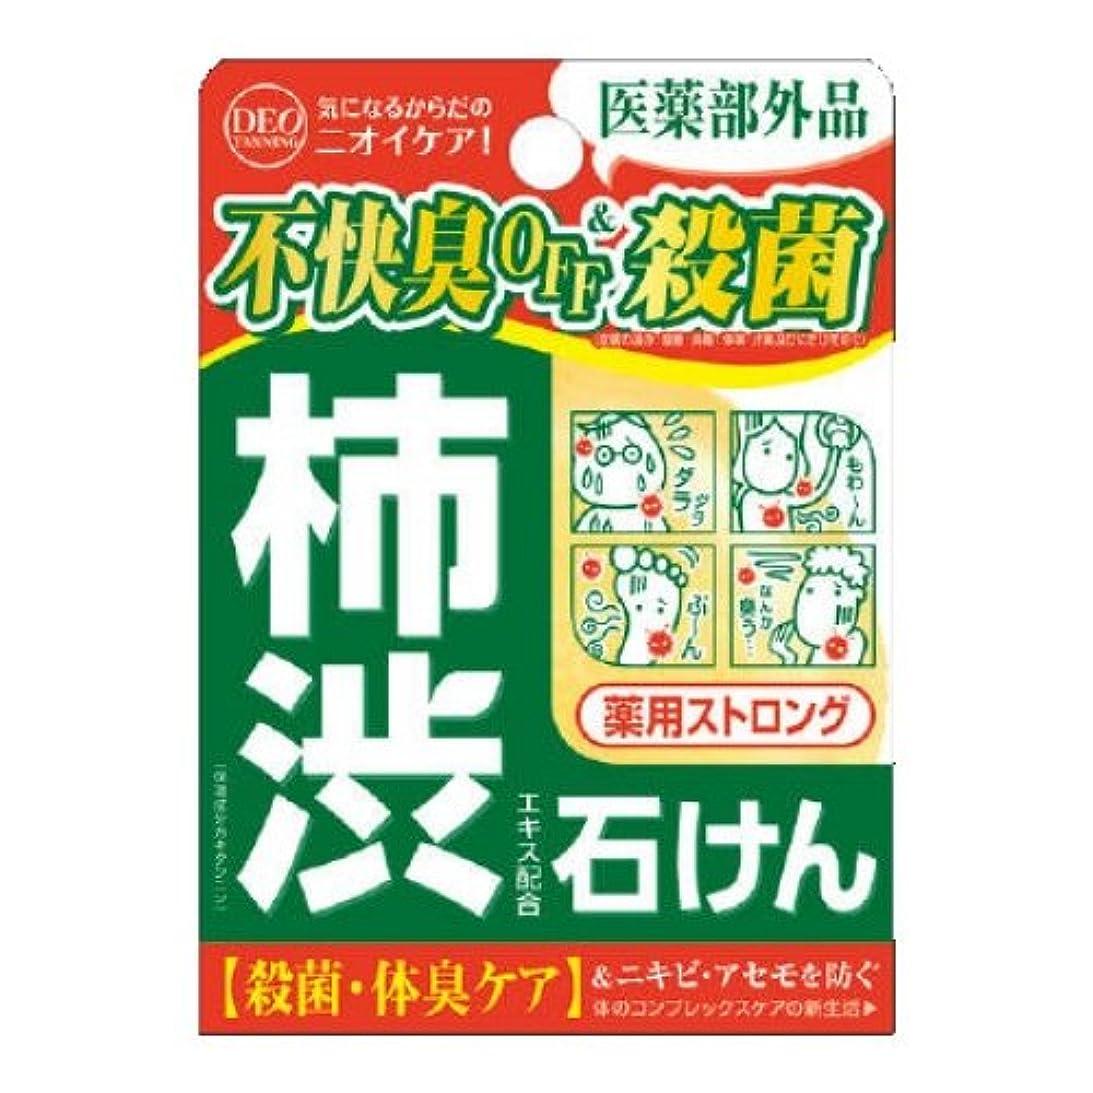 テンポ争い偽装するデオタンニング 薬用ストロング ソープ 100g (医薬部外品)